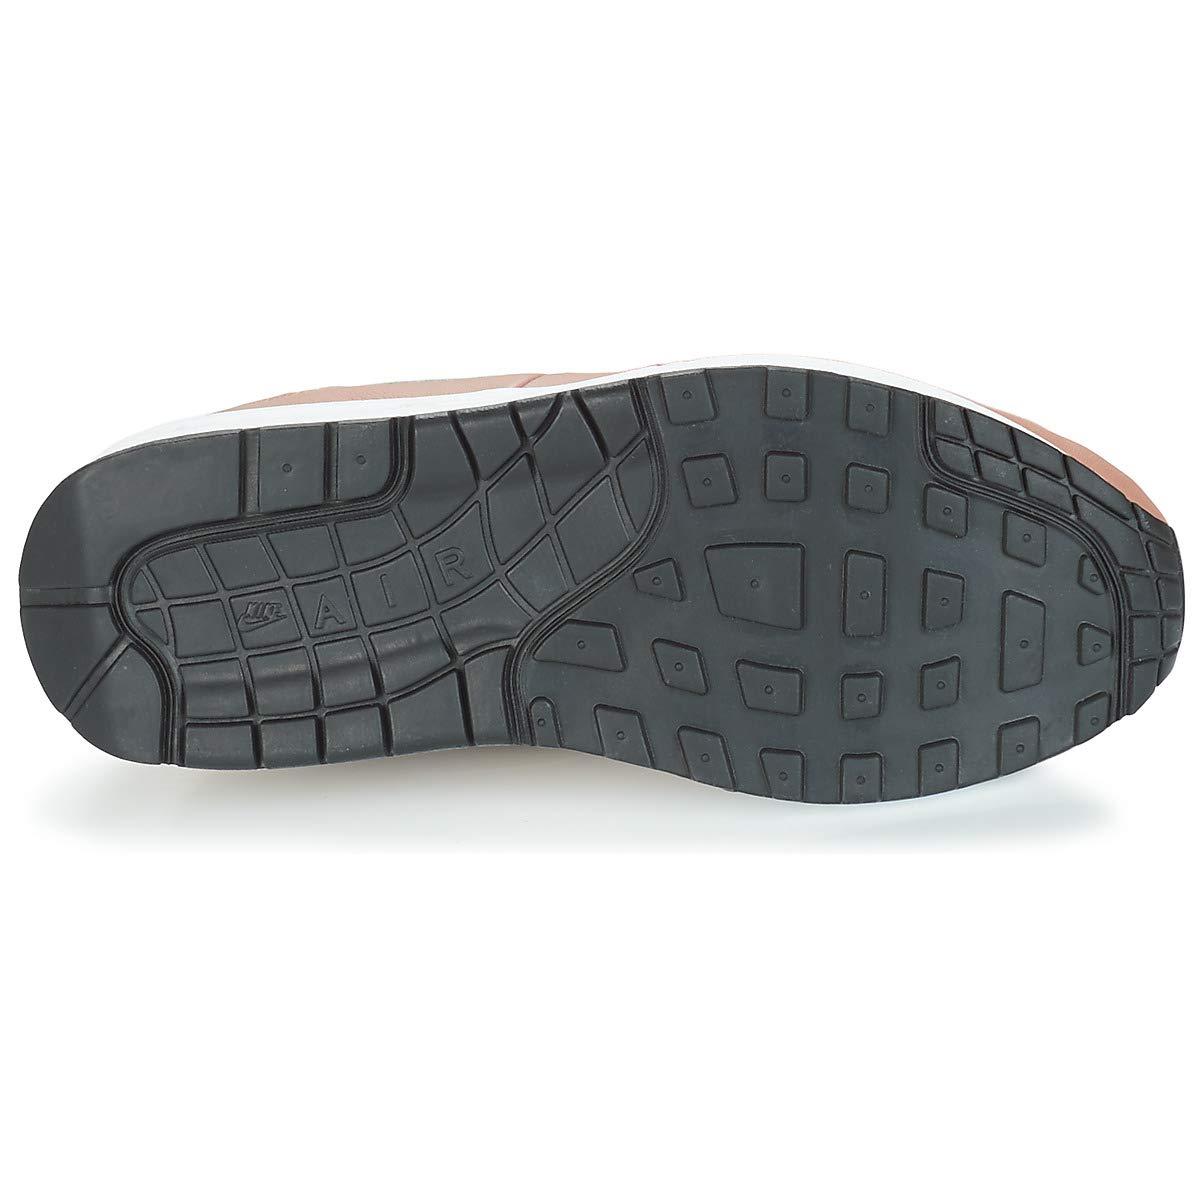 Nike dust WMNS Air Max 1 Se - Desert dust Nike Desert dust-schwarz- 528653